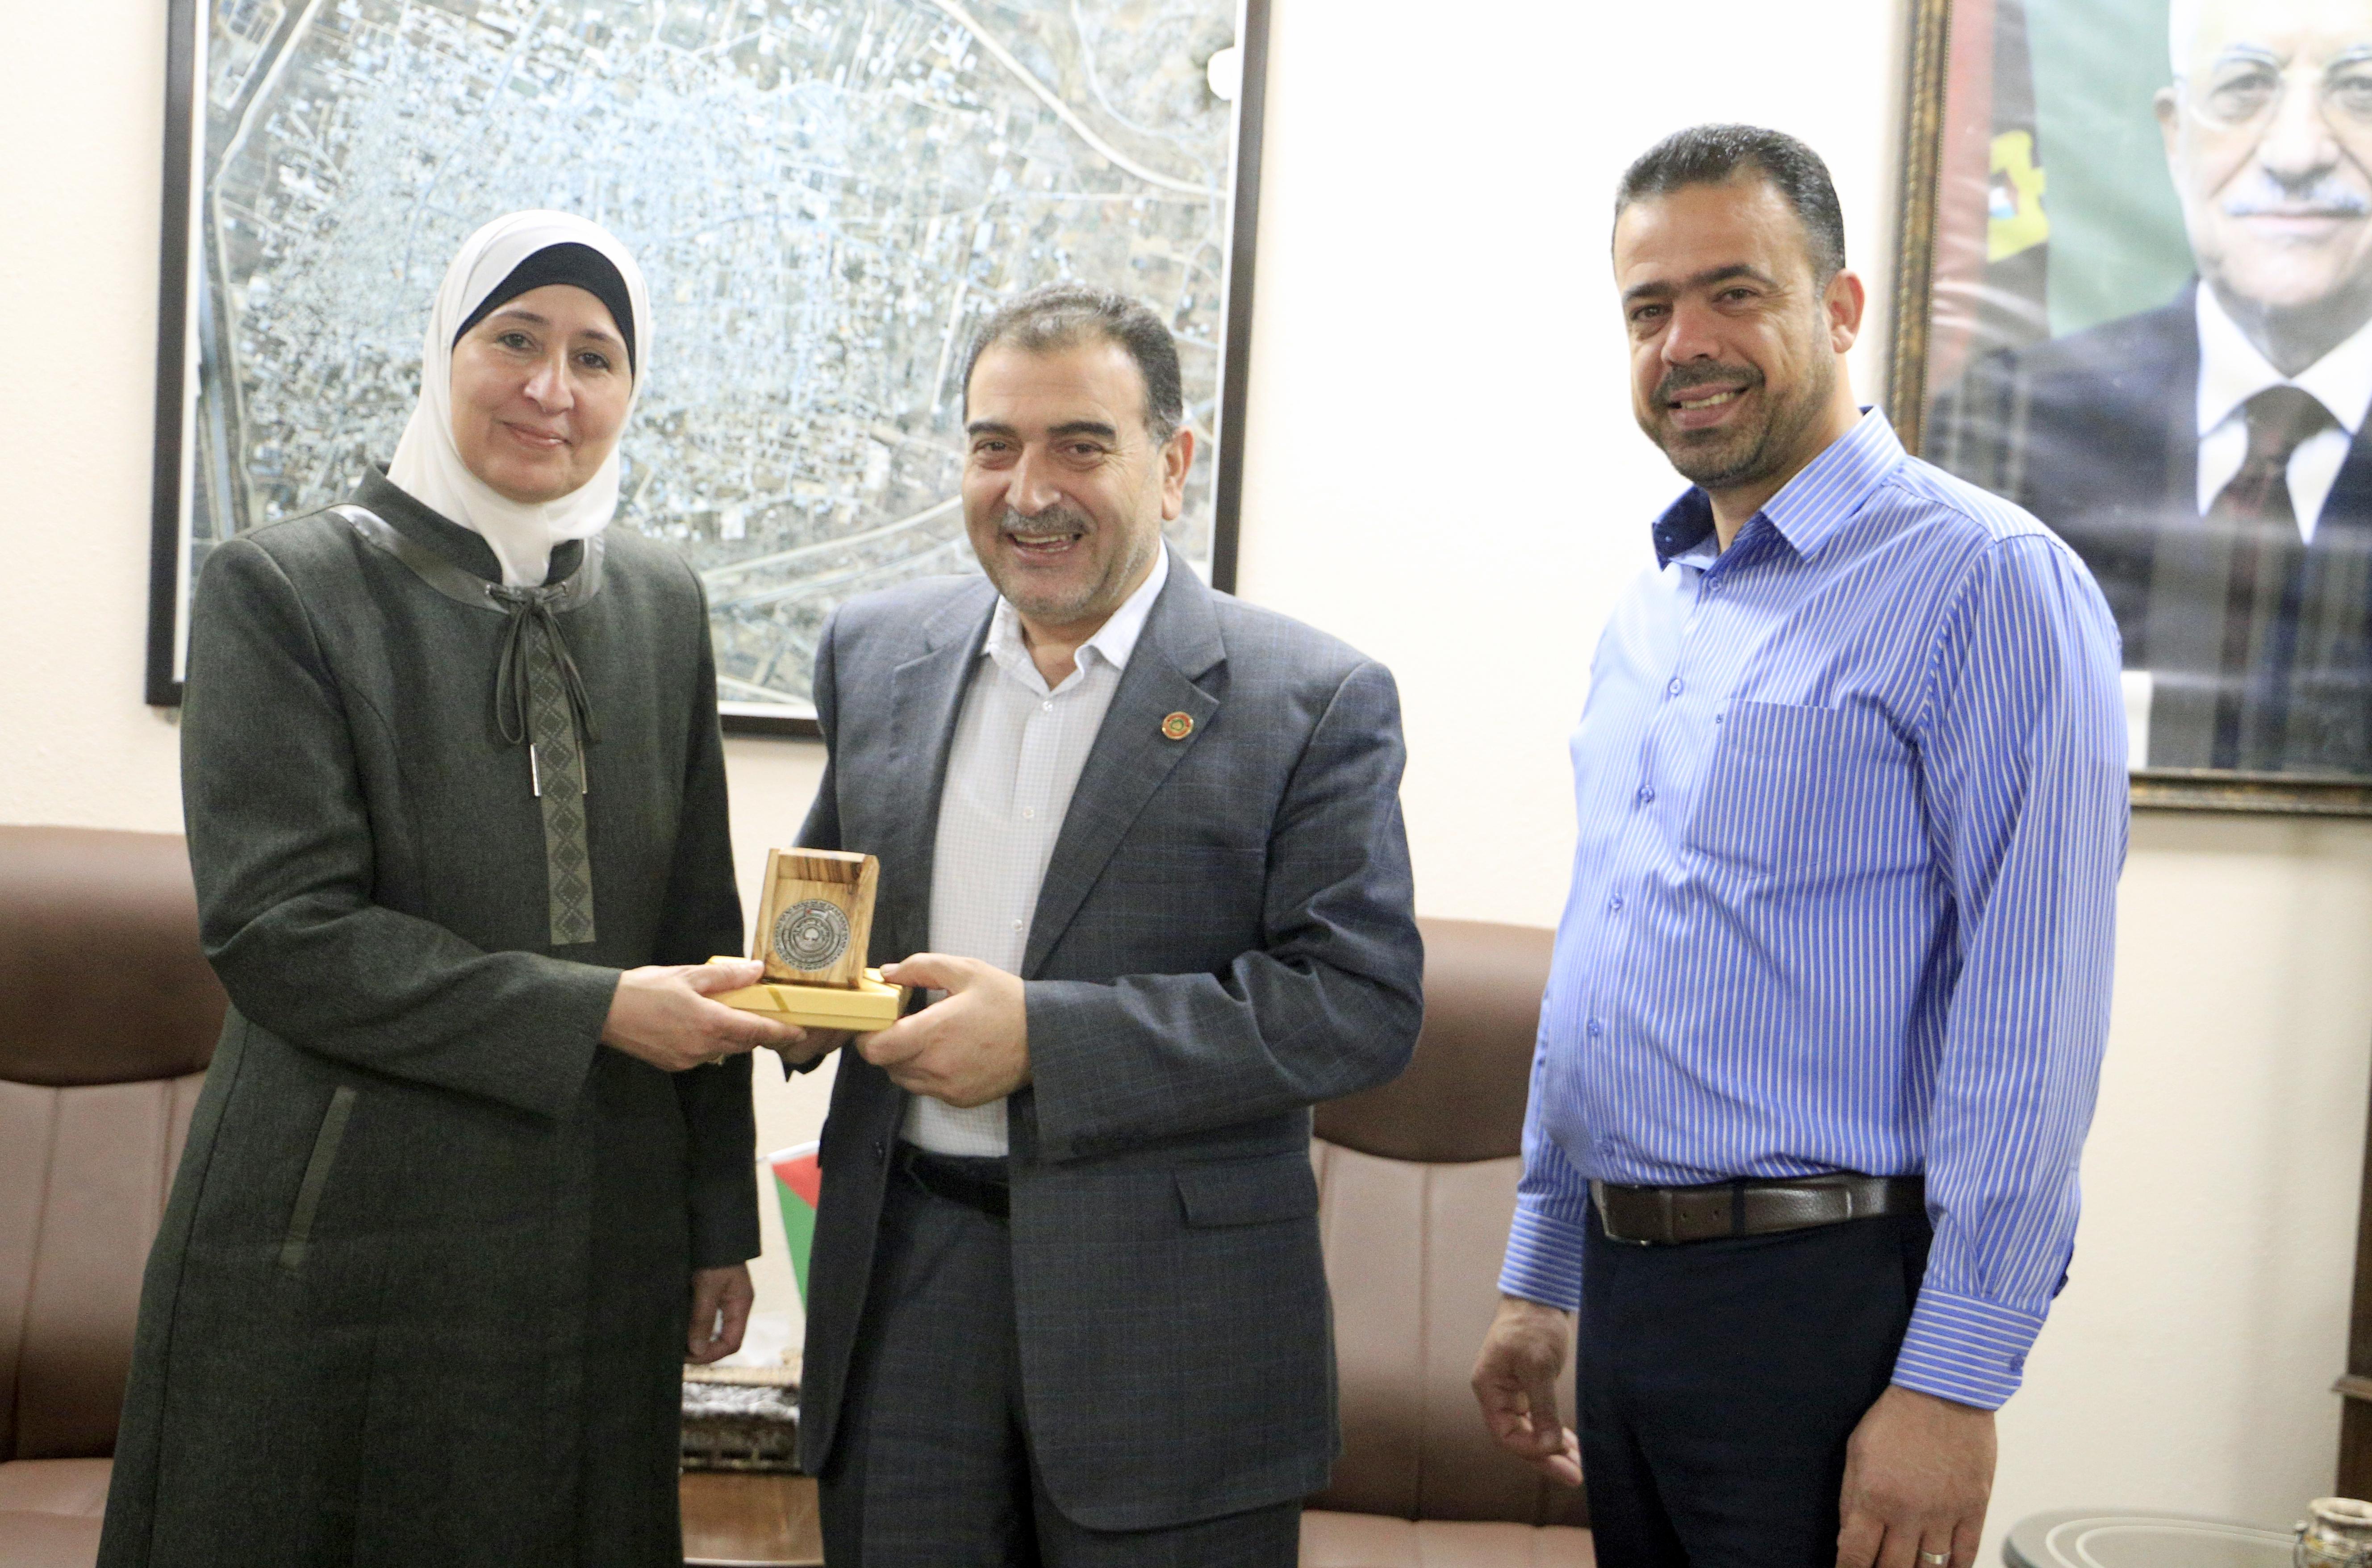 رئيس بلدية قلقيلية يكرم مديرة التربية والتعليم سابقا أ.نائلة فحماوي